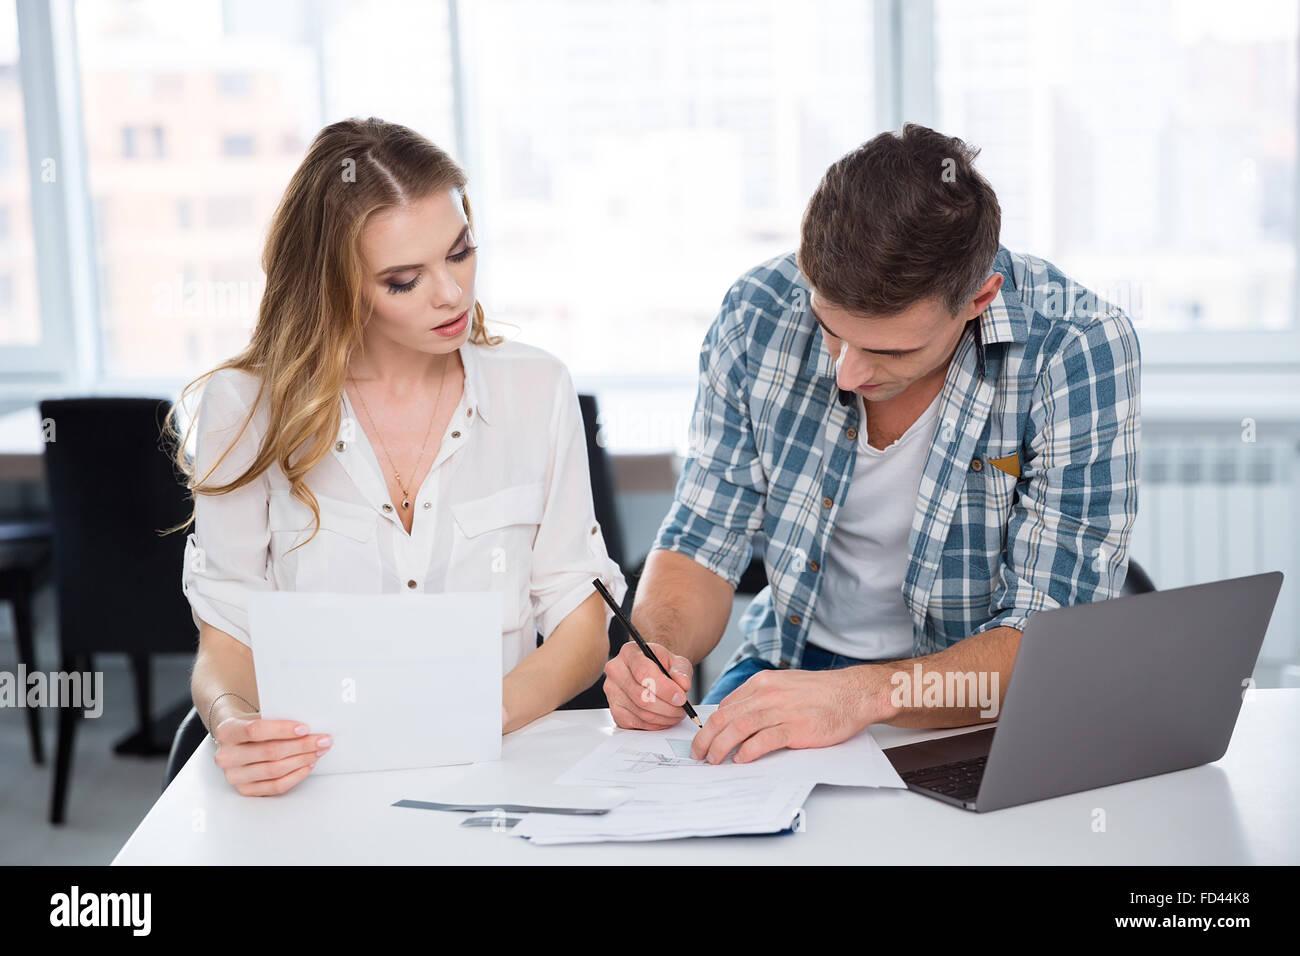 Concentrato pensieroso donna e uomo al lavoro e a discutere il progetto e utilizzo di notebook in ufficio Immagini Stock